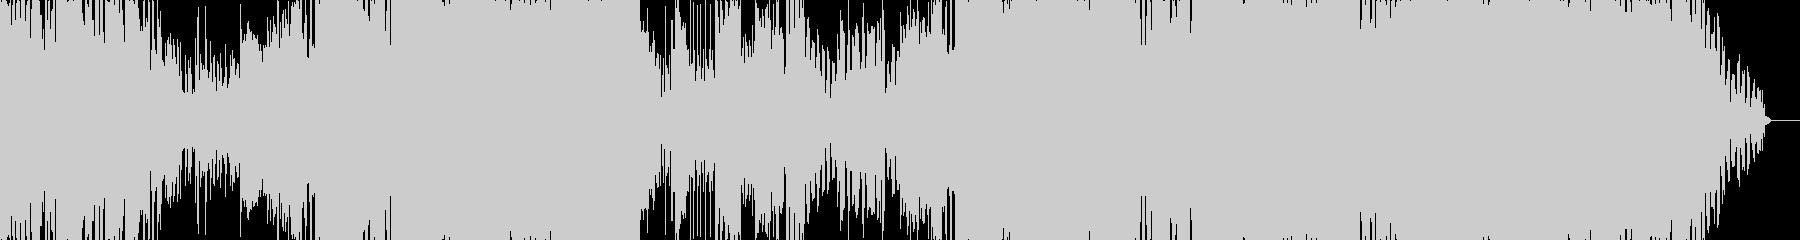 ラスボスゾーマをイメージしたエレクトロの未再生の波形